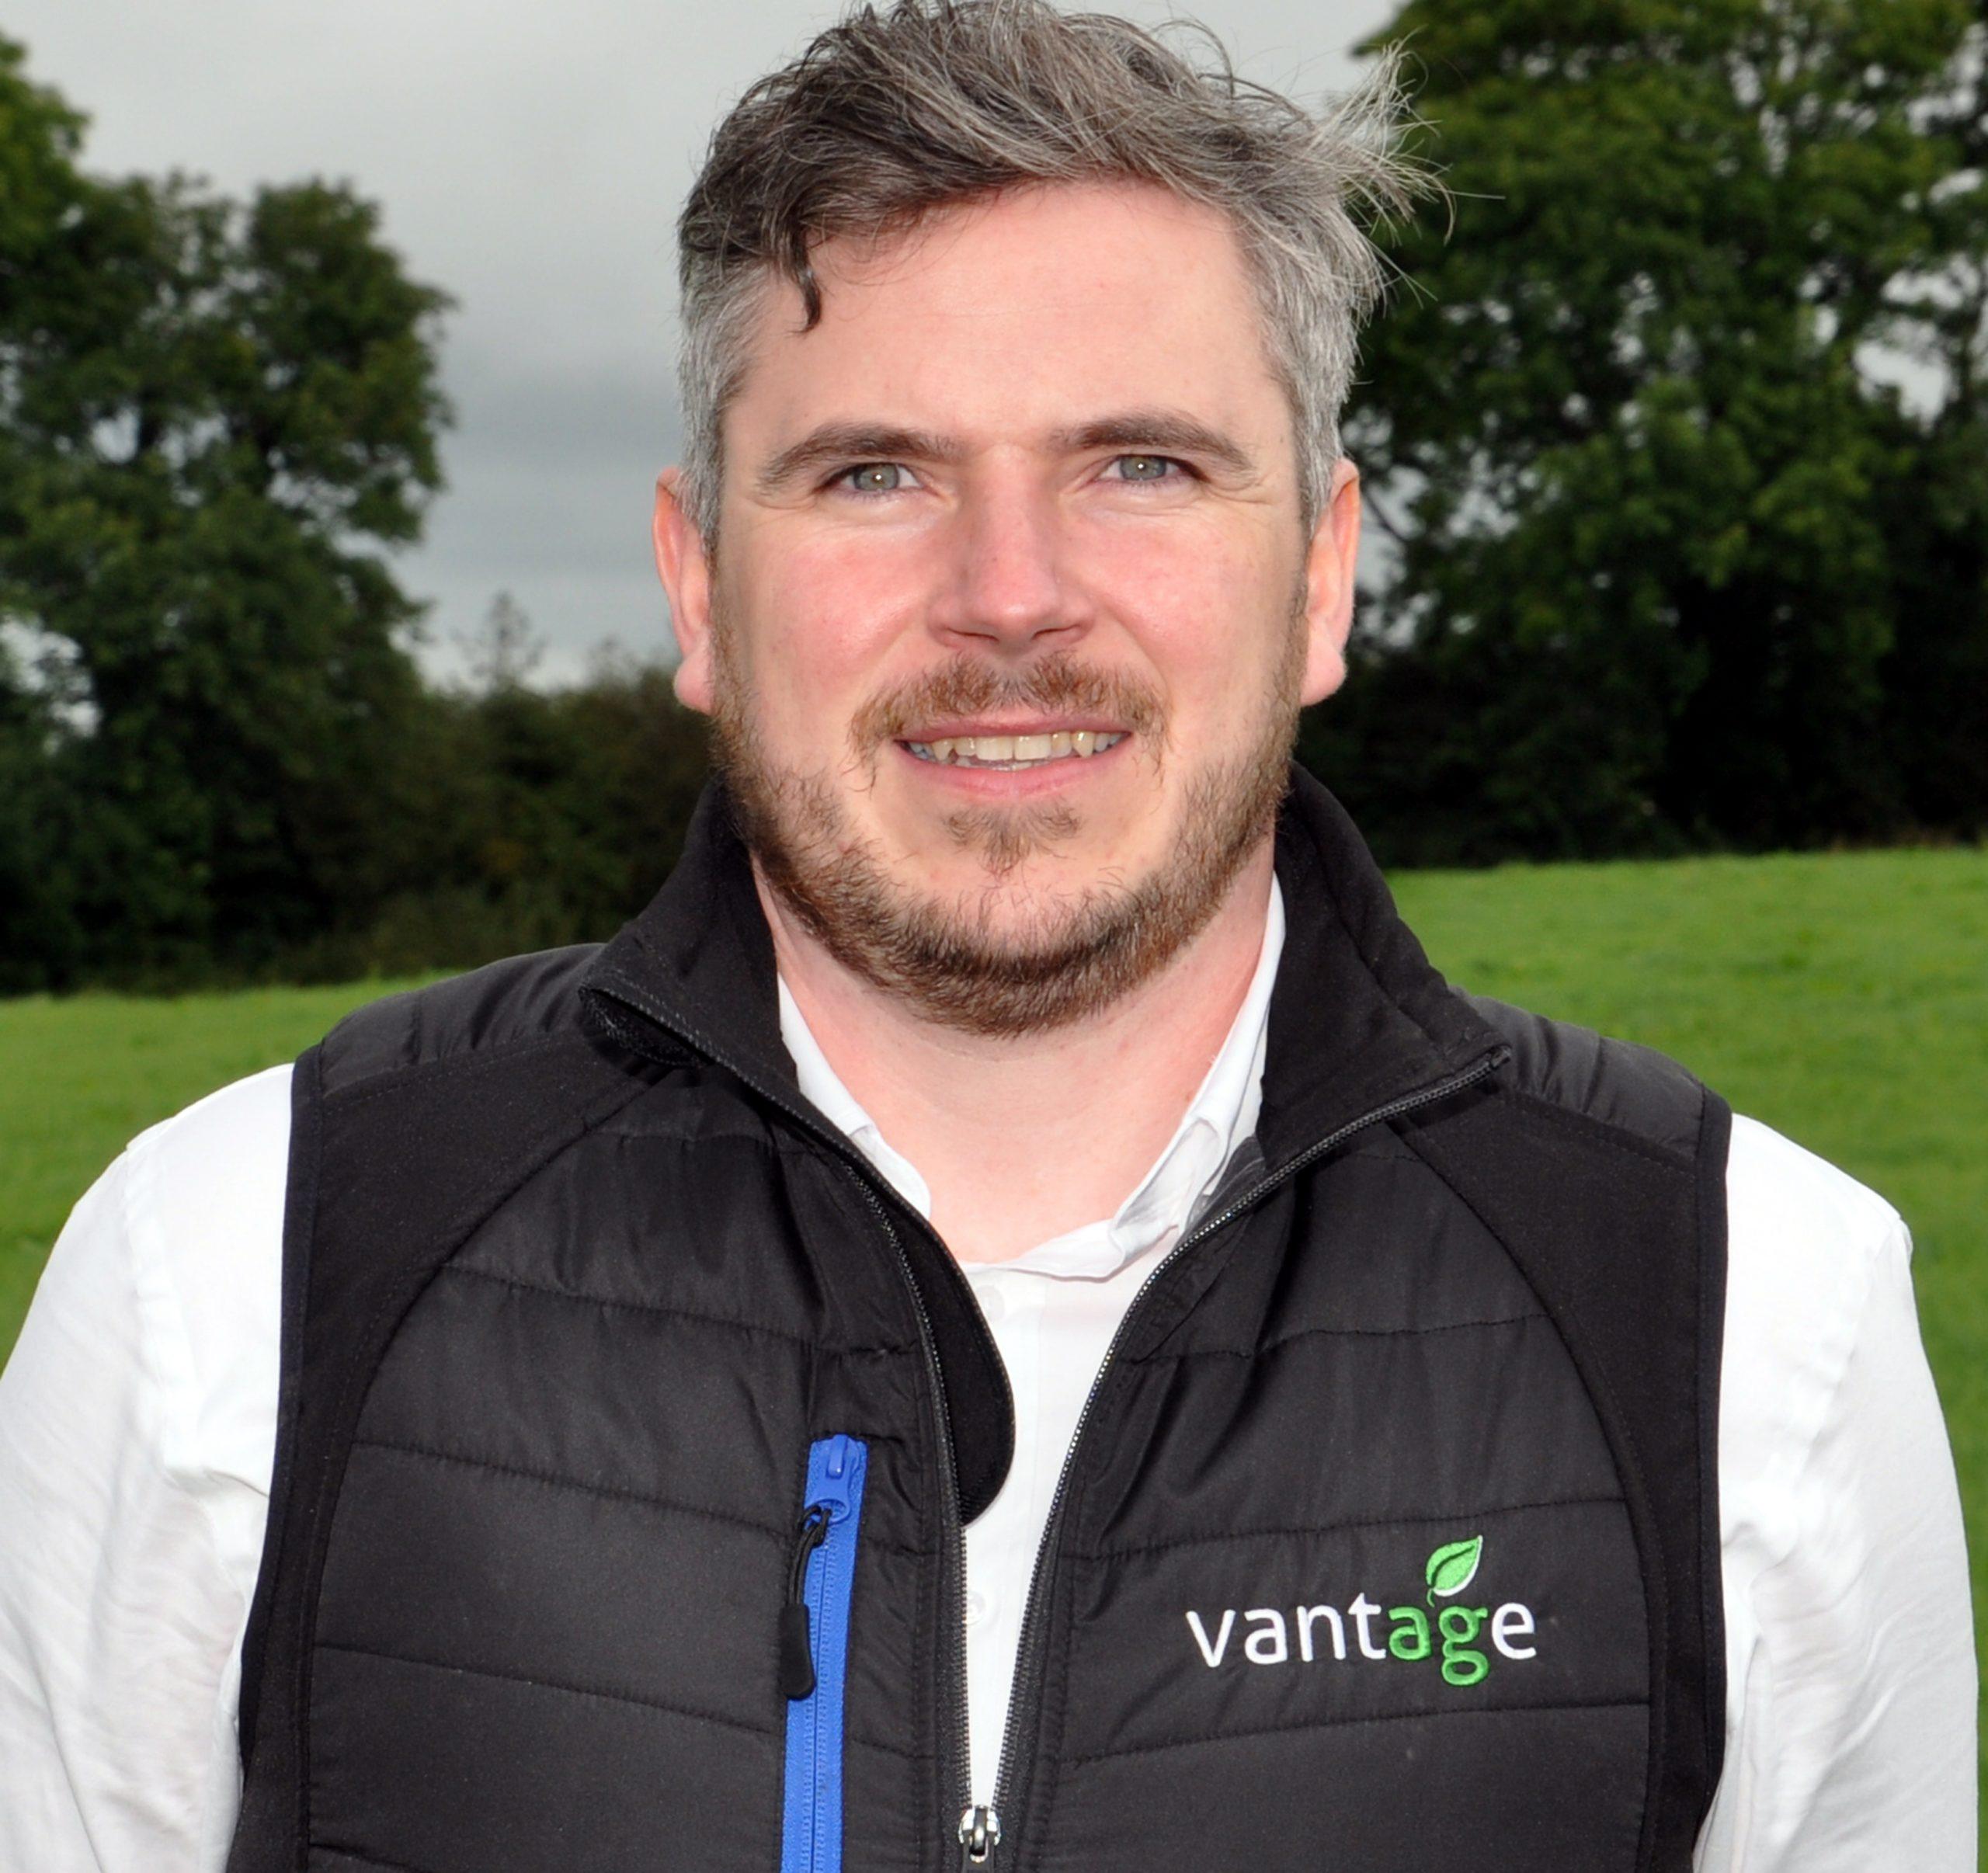 Bertie Troy Vanatege Ireland Managing Director